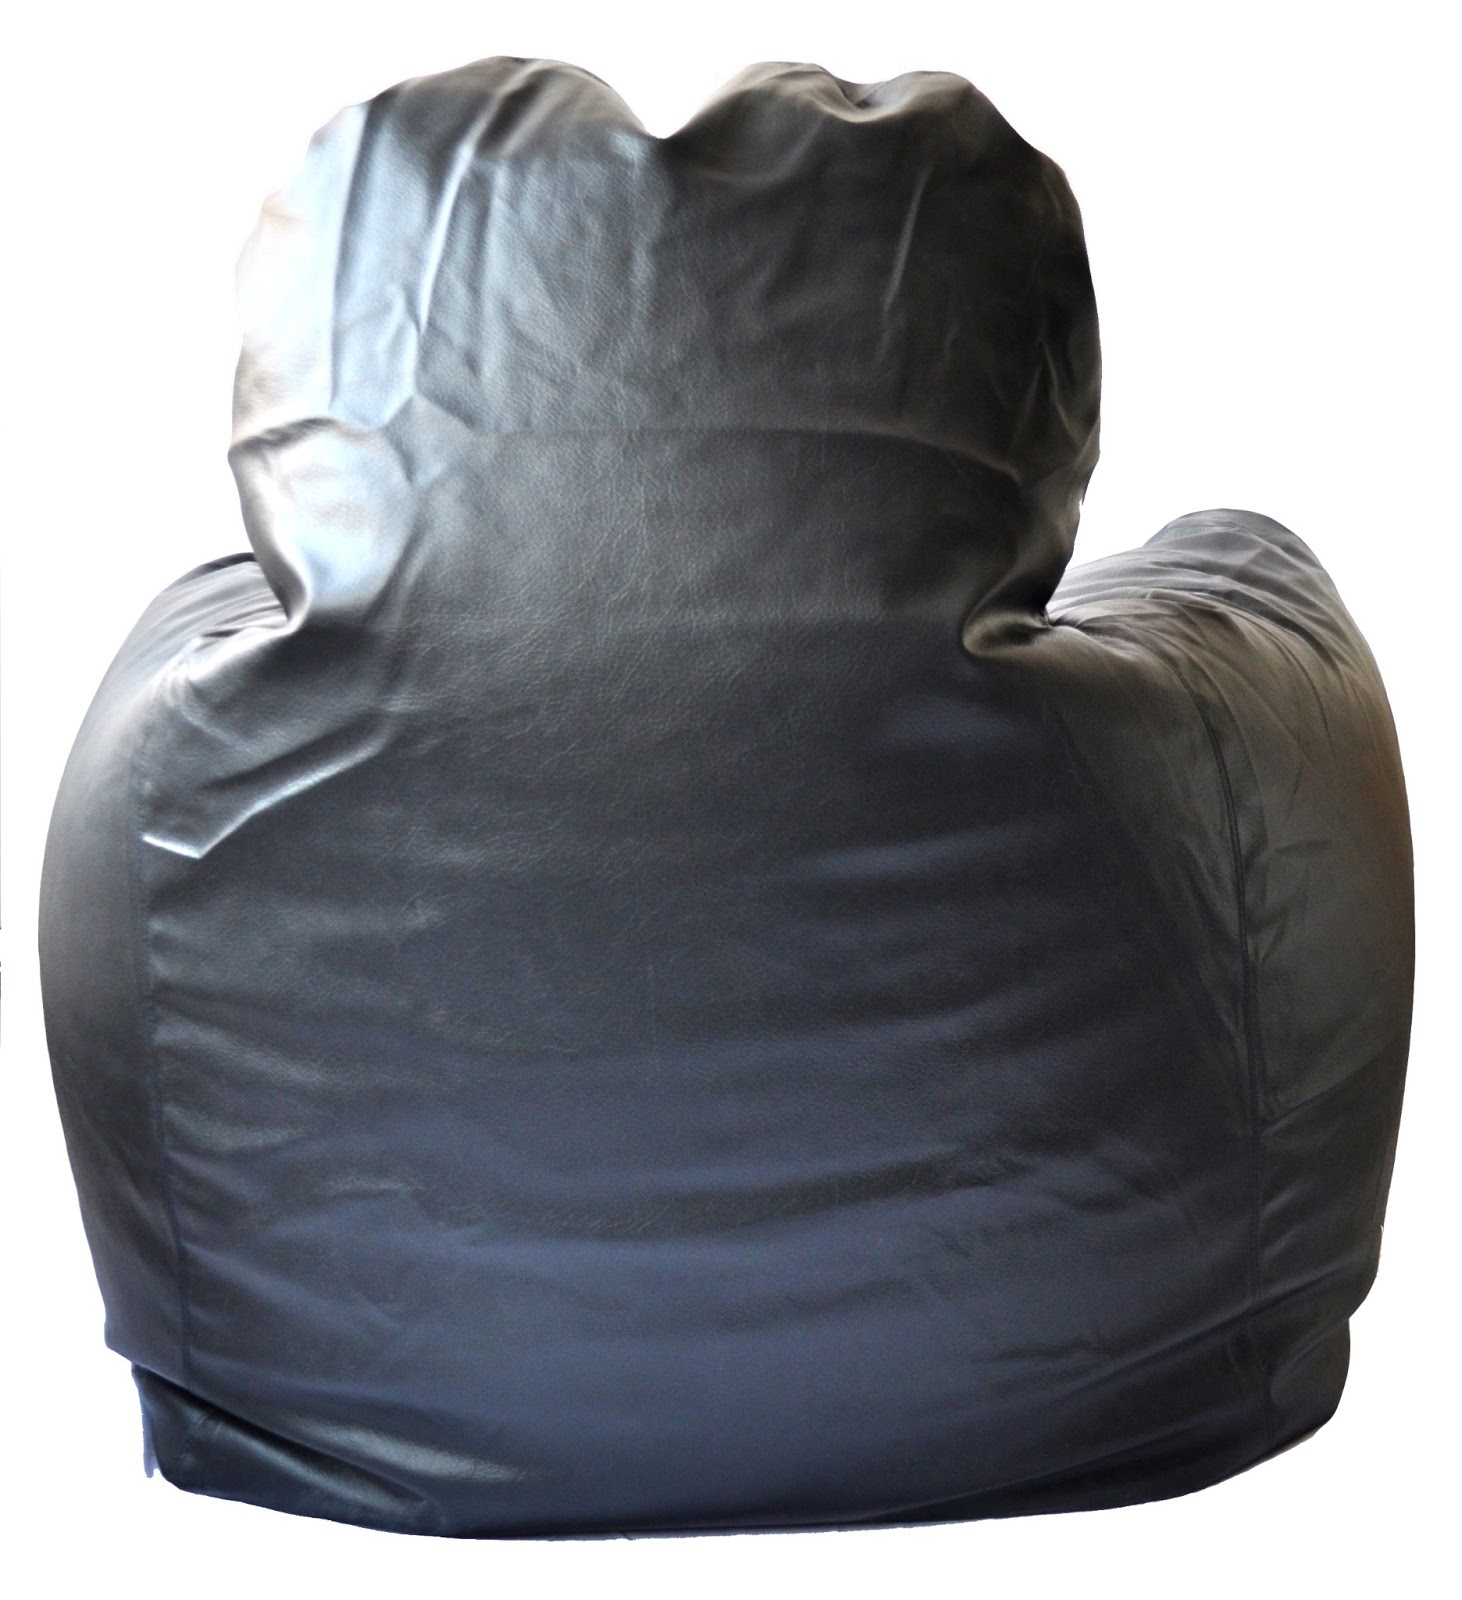 bean bag sofa india recliner cheap style homez arm muda chair www